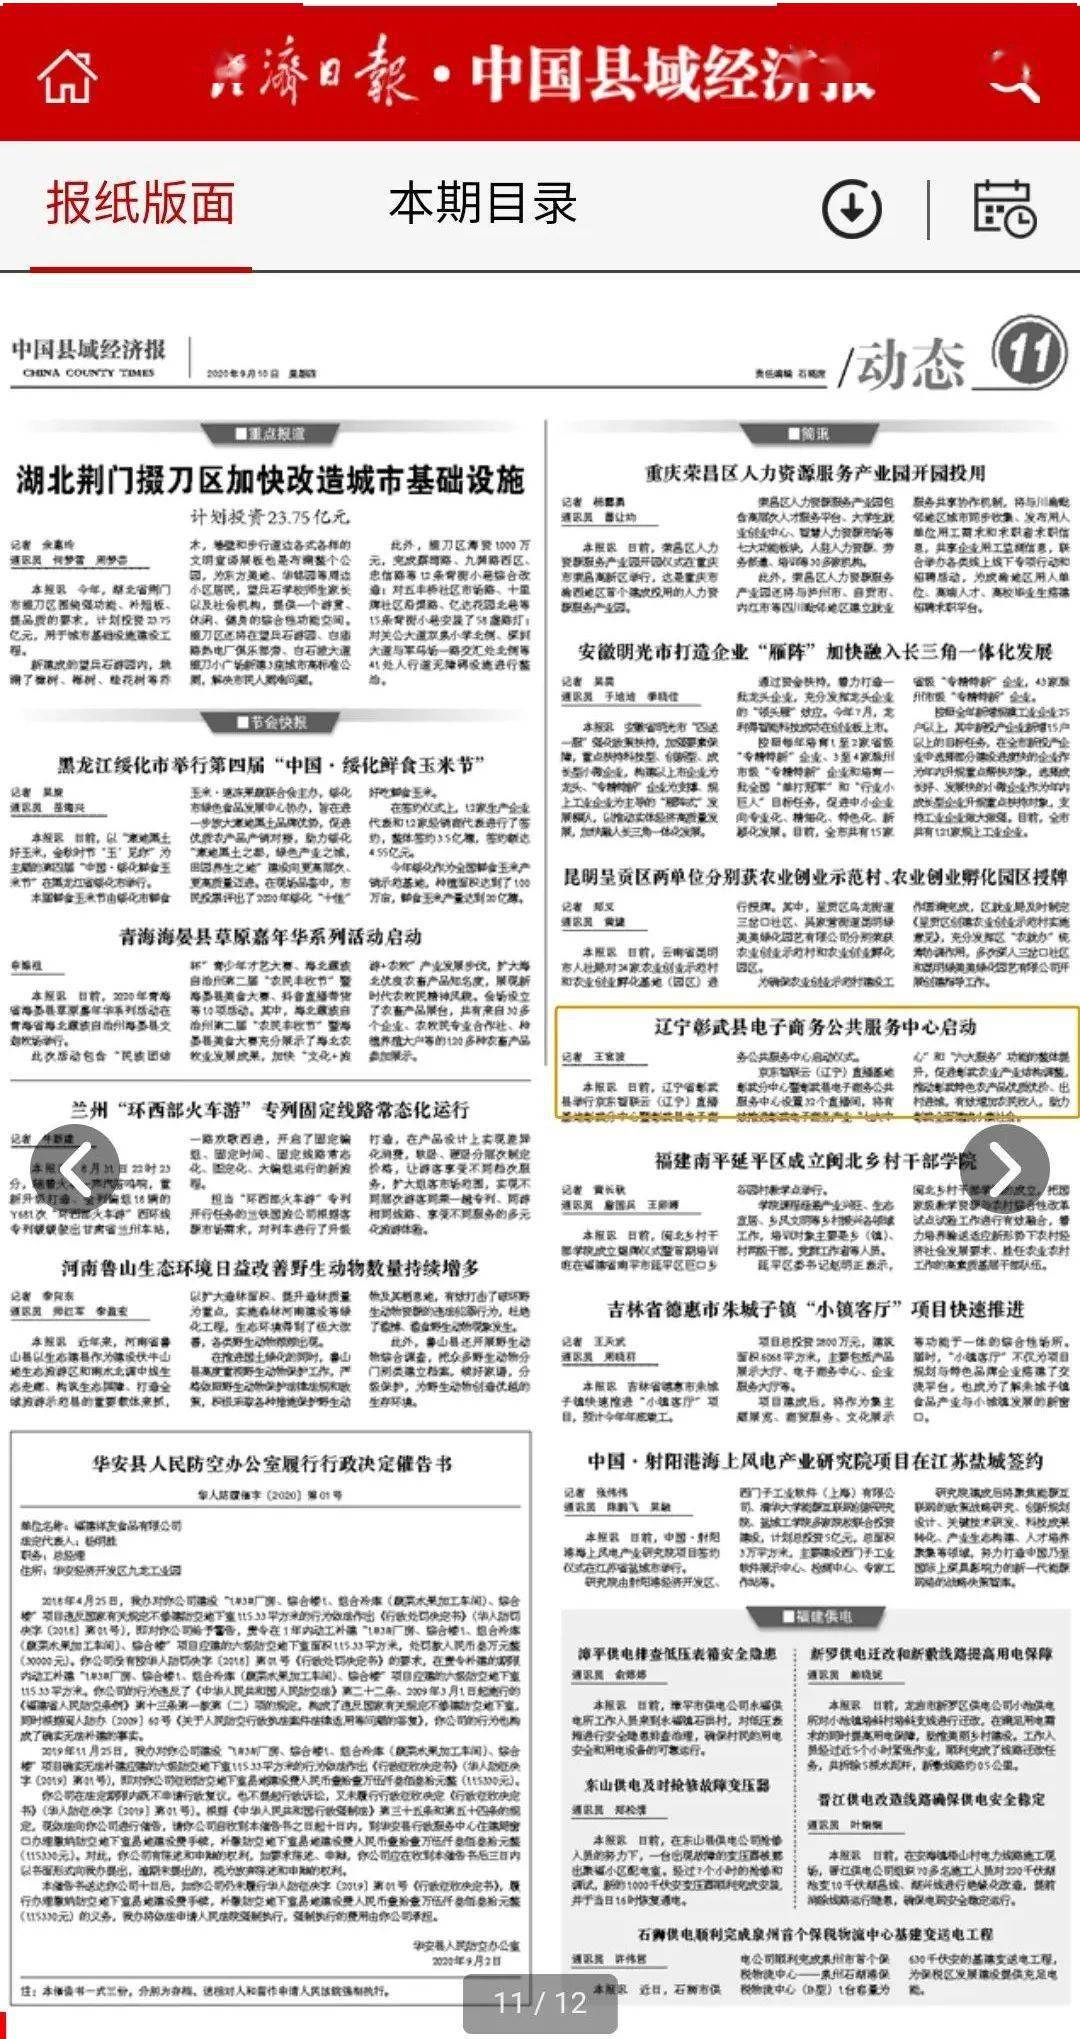 《中国县域经济报》发布:辽宁彰武县电子商务公共